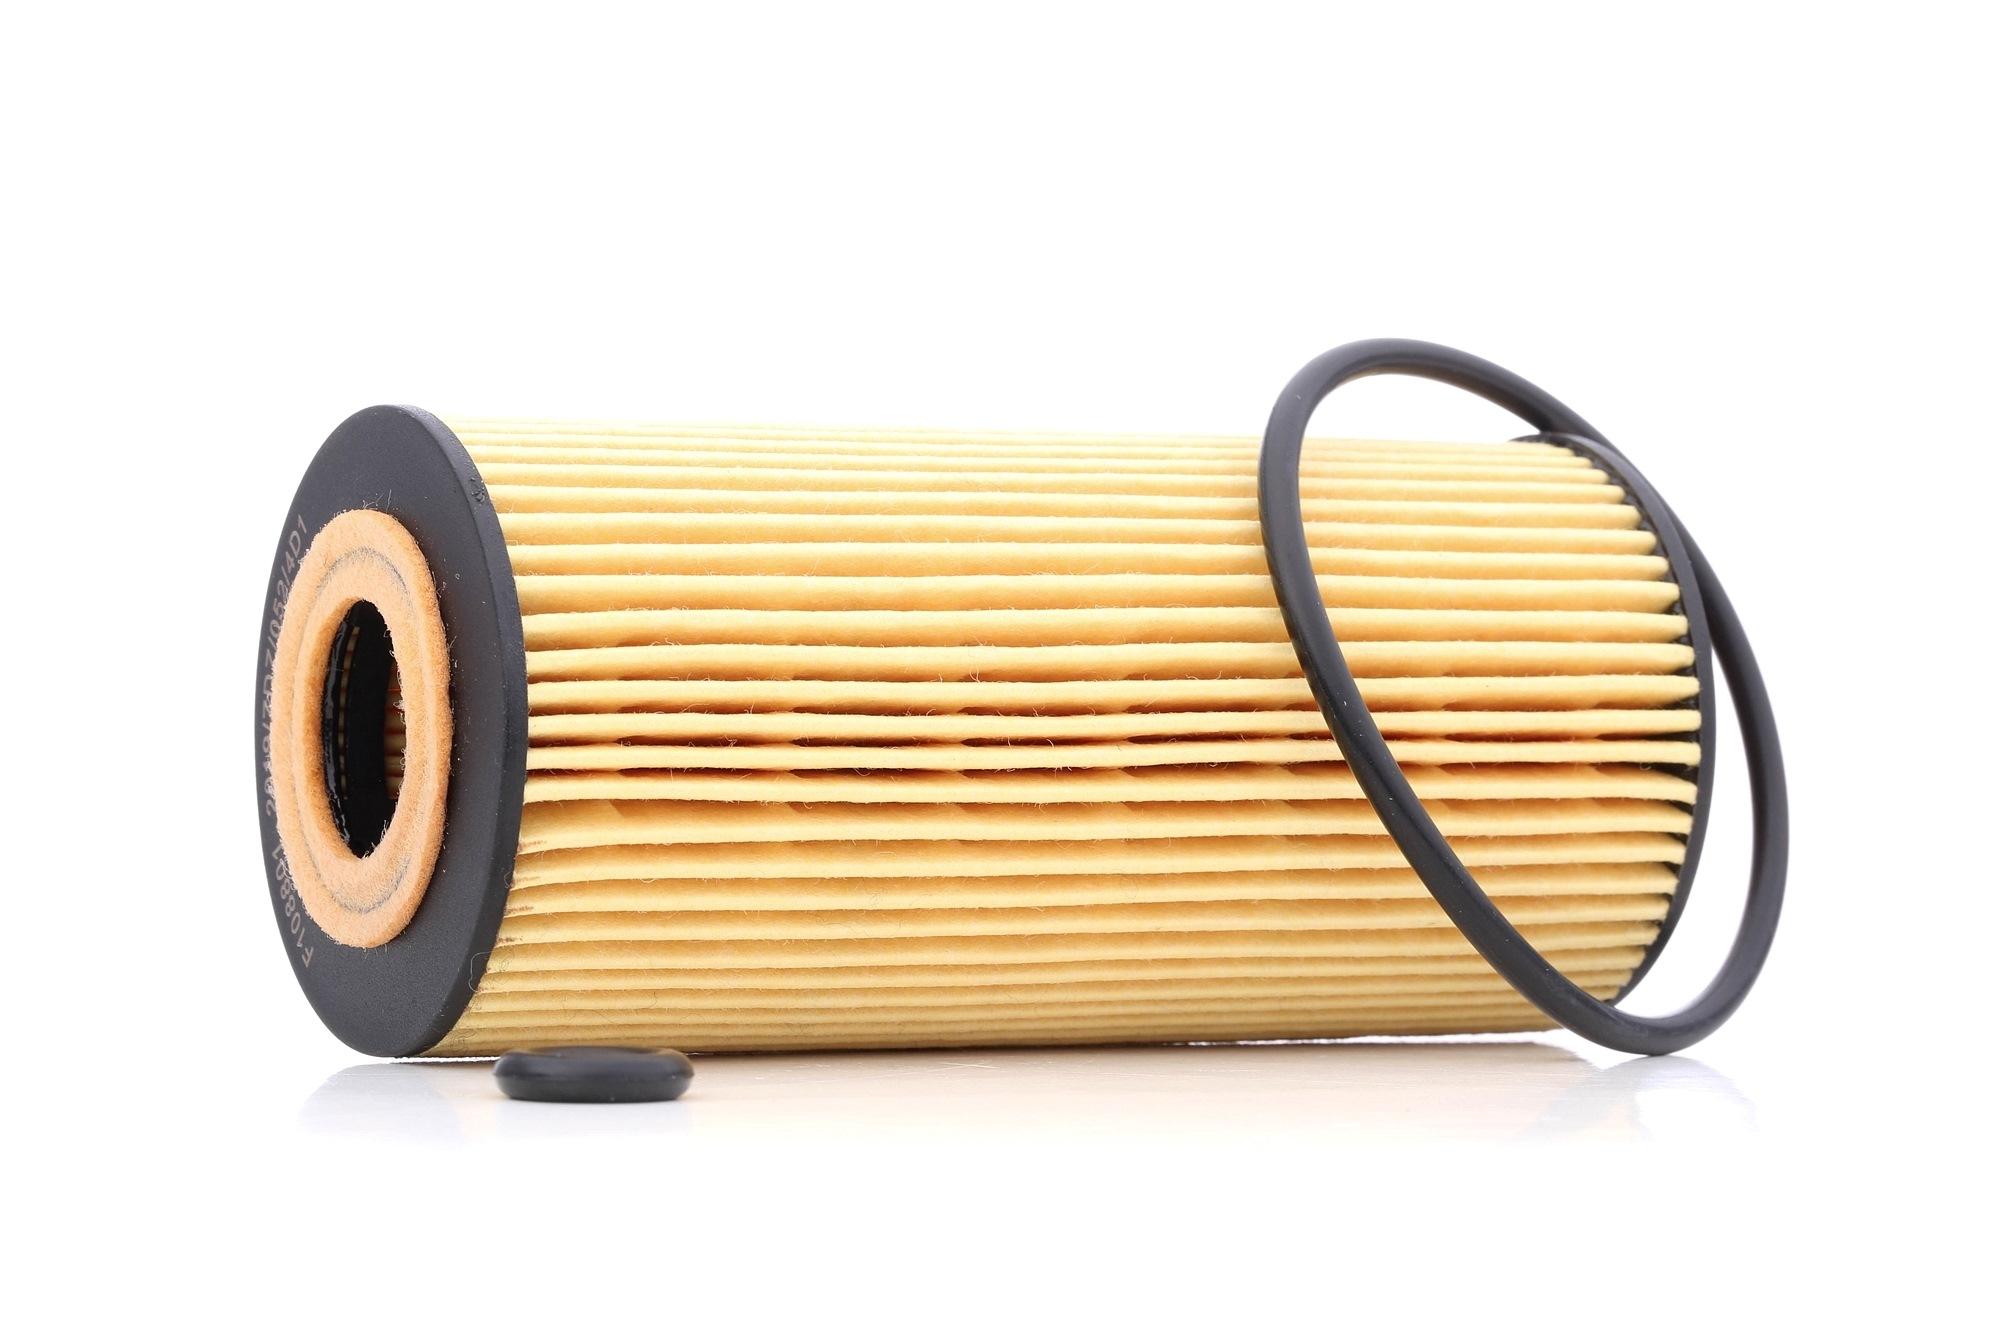 F108801 KAMOKA Filtereinsatz Innendurchmesser 2: 21mm, Innendurchmesser 2: 21mm, Ø: 52mm, Höhe: 116mm Ölfilter F108801 günstig kaufen